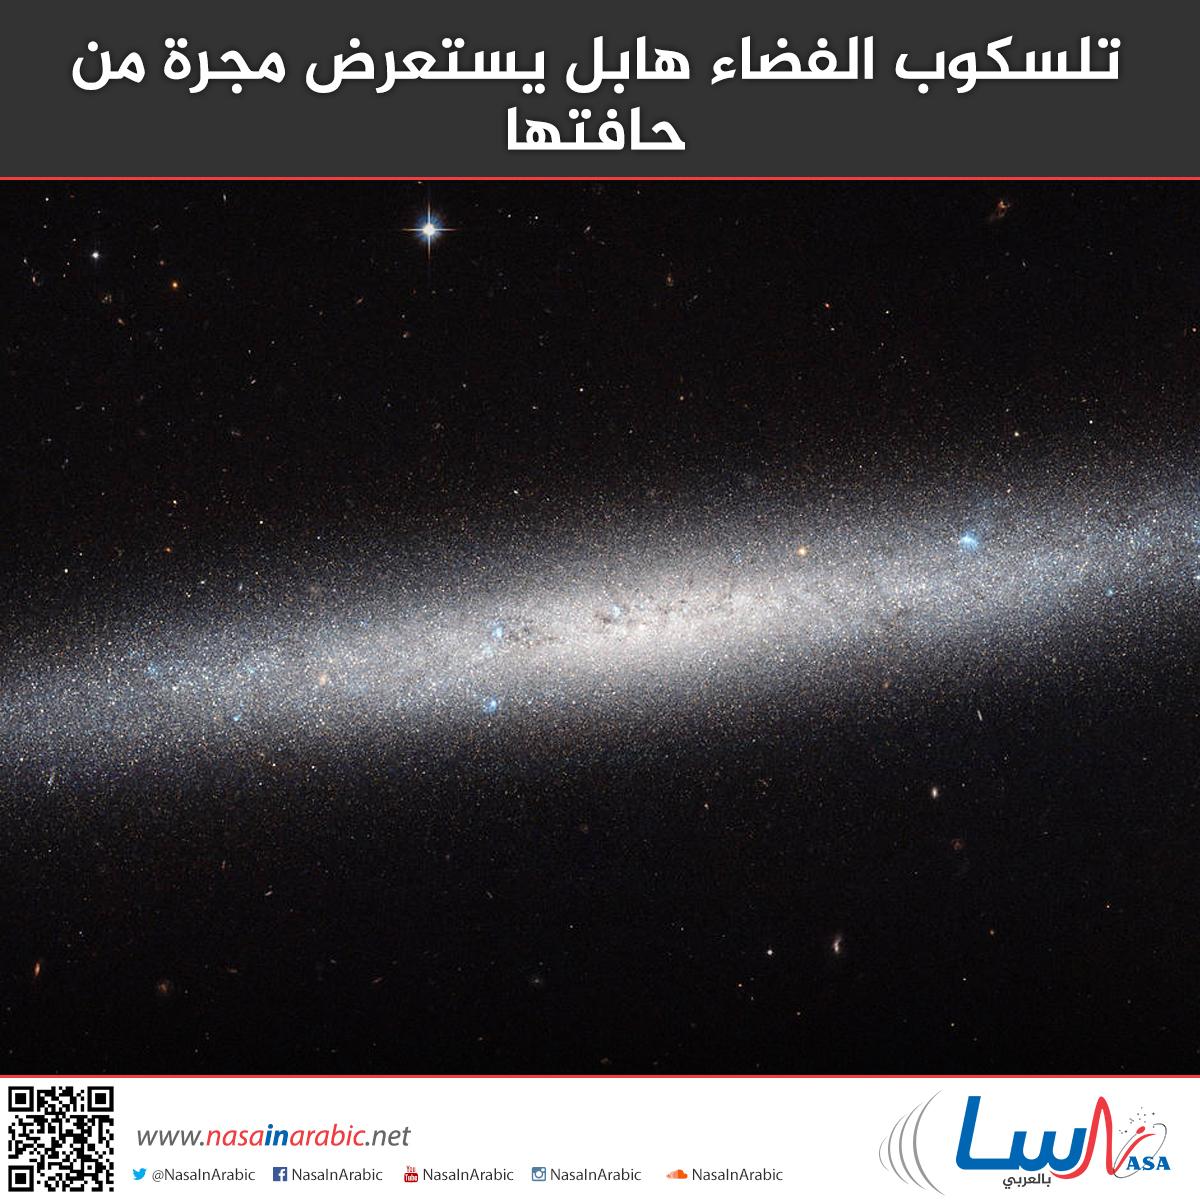 تلسكوب الفضاء هابل يستعرض مجرة من حافتها